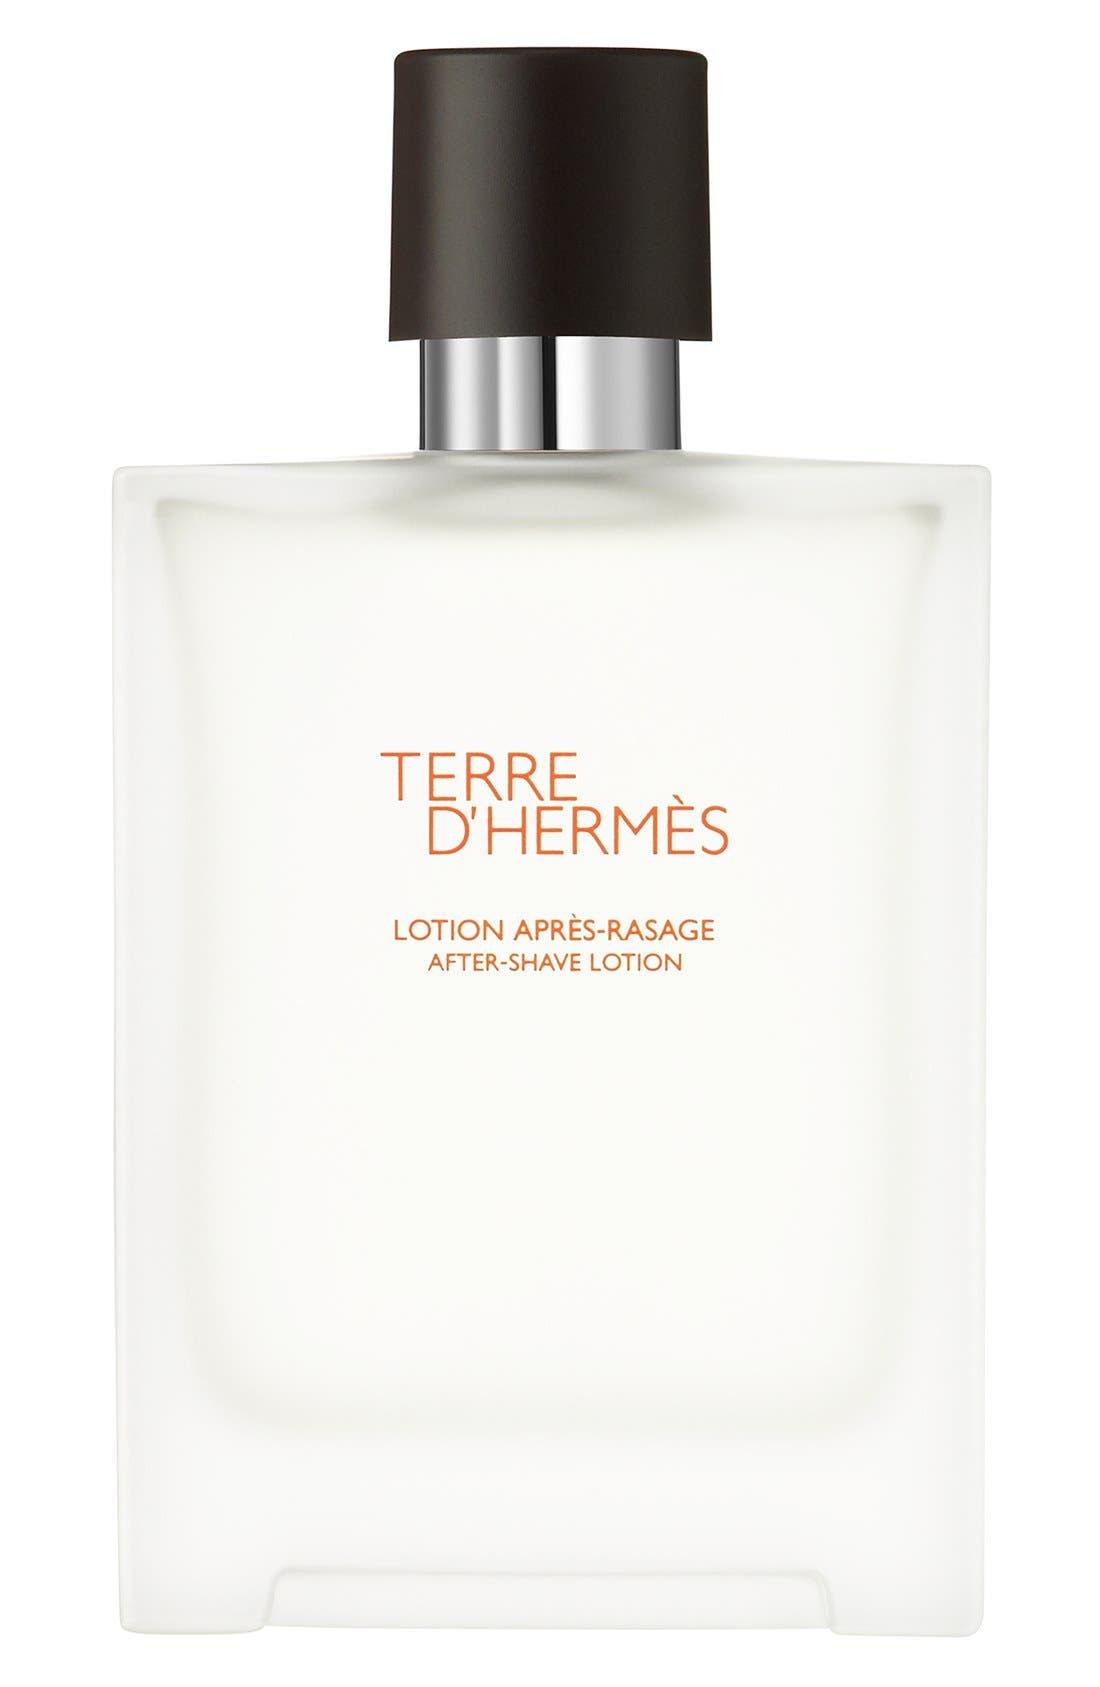 Hermès Terre d'Hermès - After-shave lotion